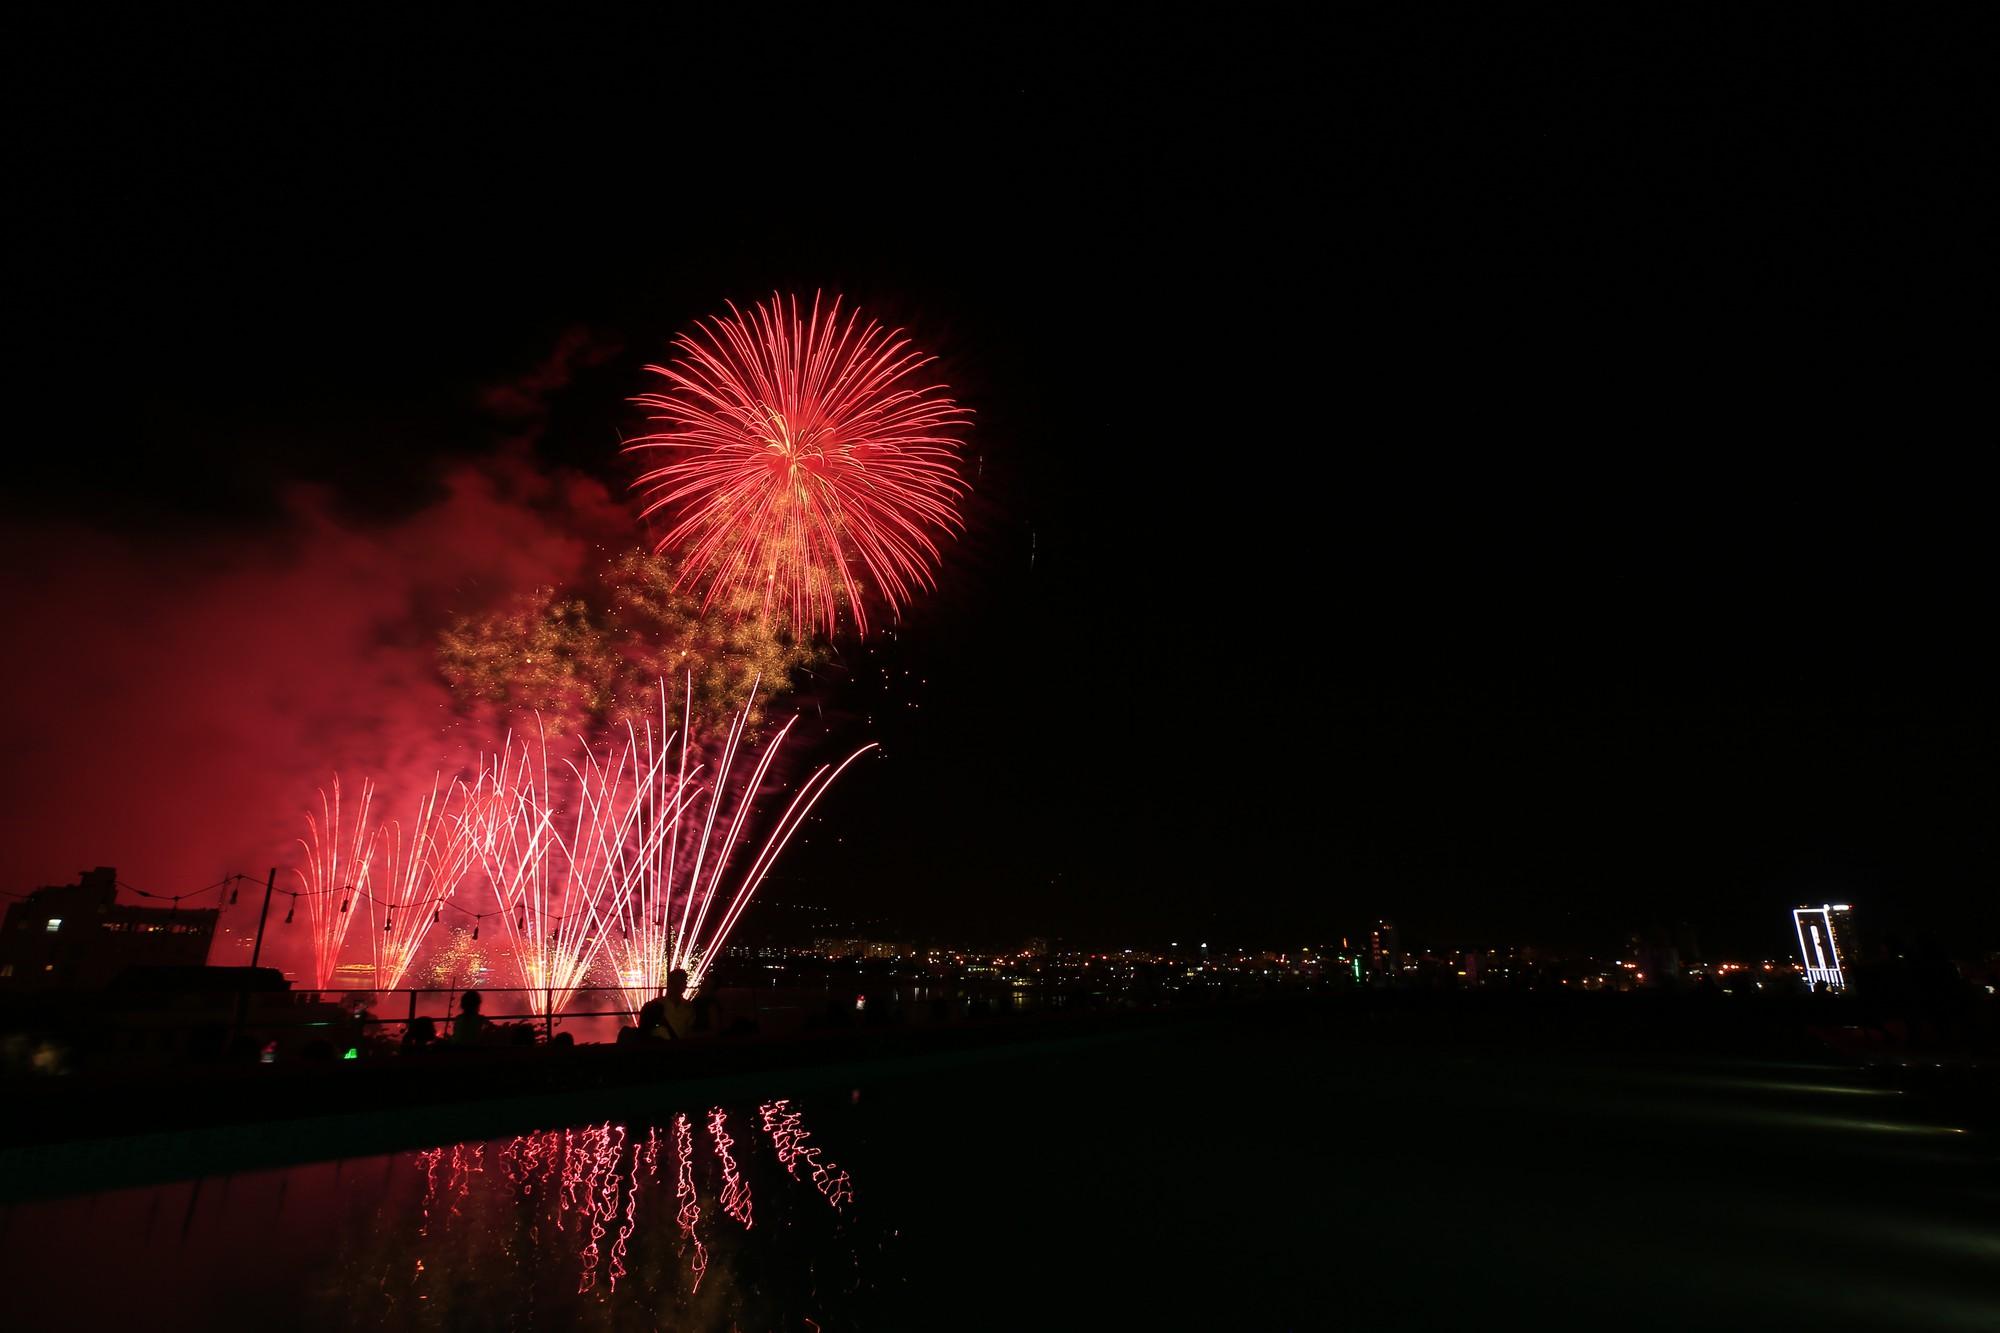 Brasil và Bỉ gửi thông điệp tình yêu bằng ánh sáng pháo hoa trên sông Hàn - Ảnh 8.